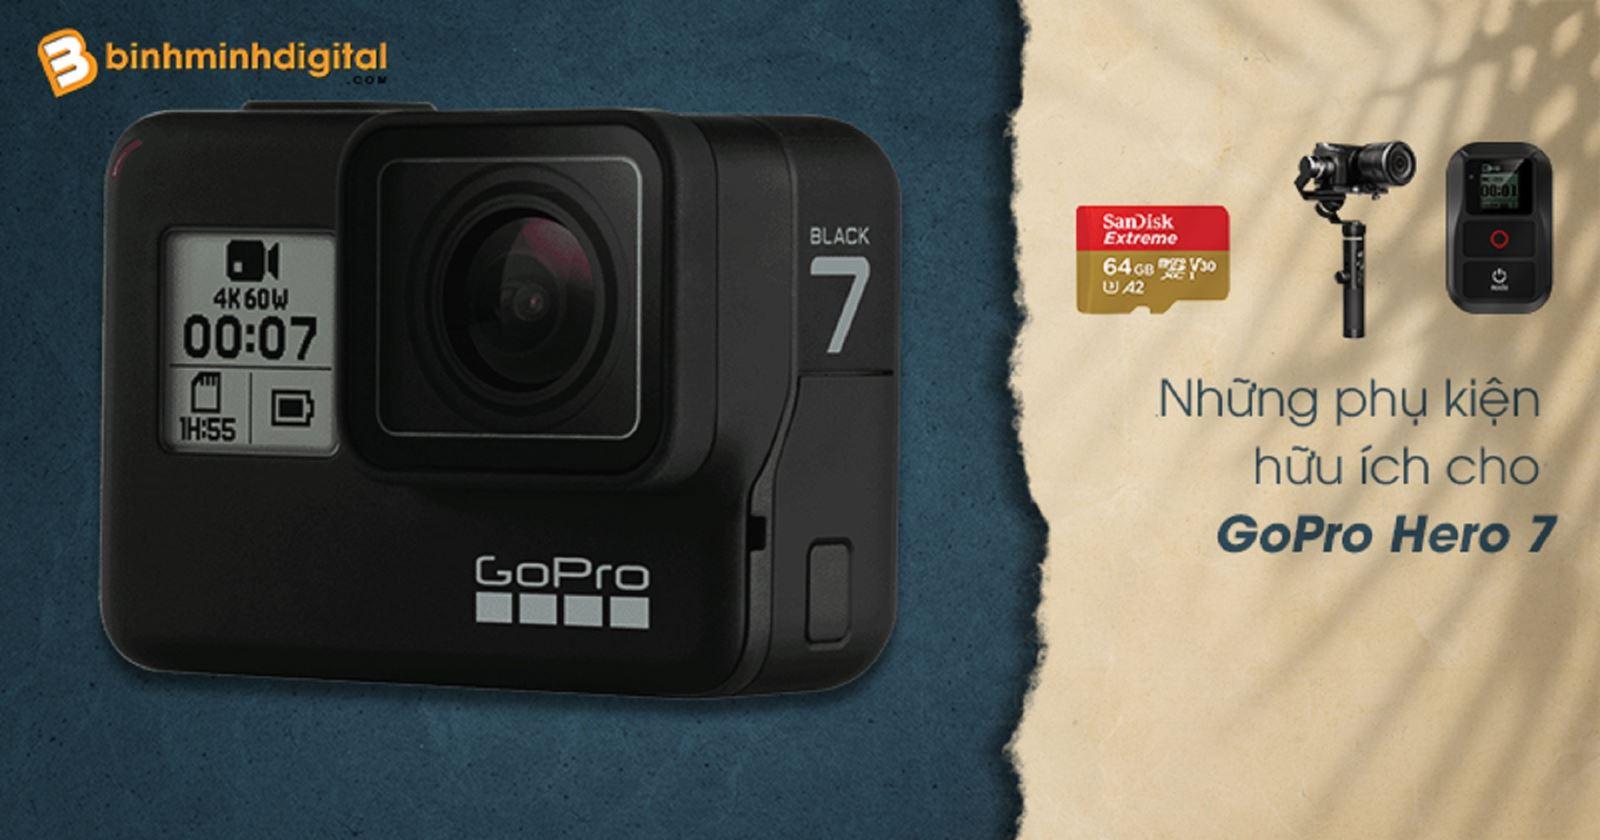 Những phụ kiện hữu ích cho GoPro Hero 7